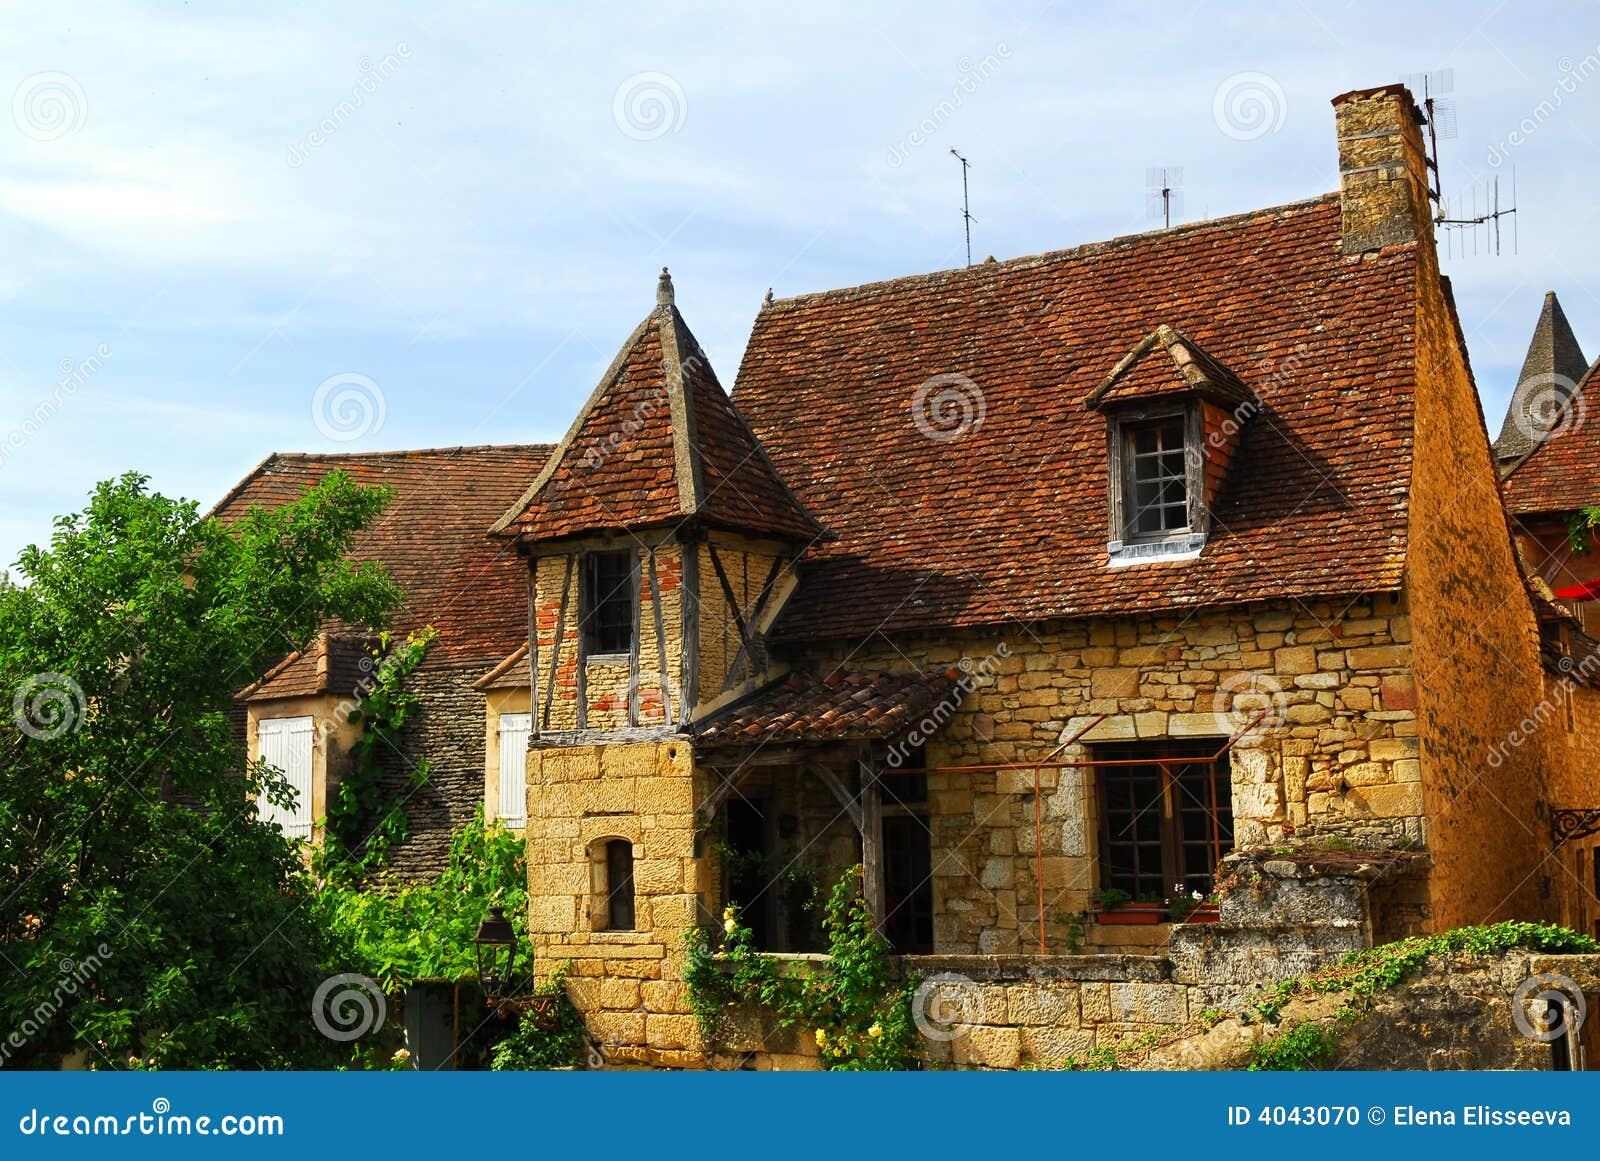 Middeleeuws huis in Sarlat, Frankrijk